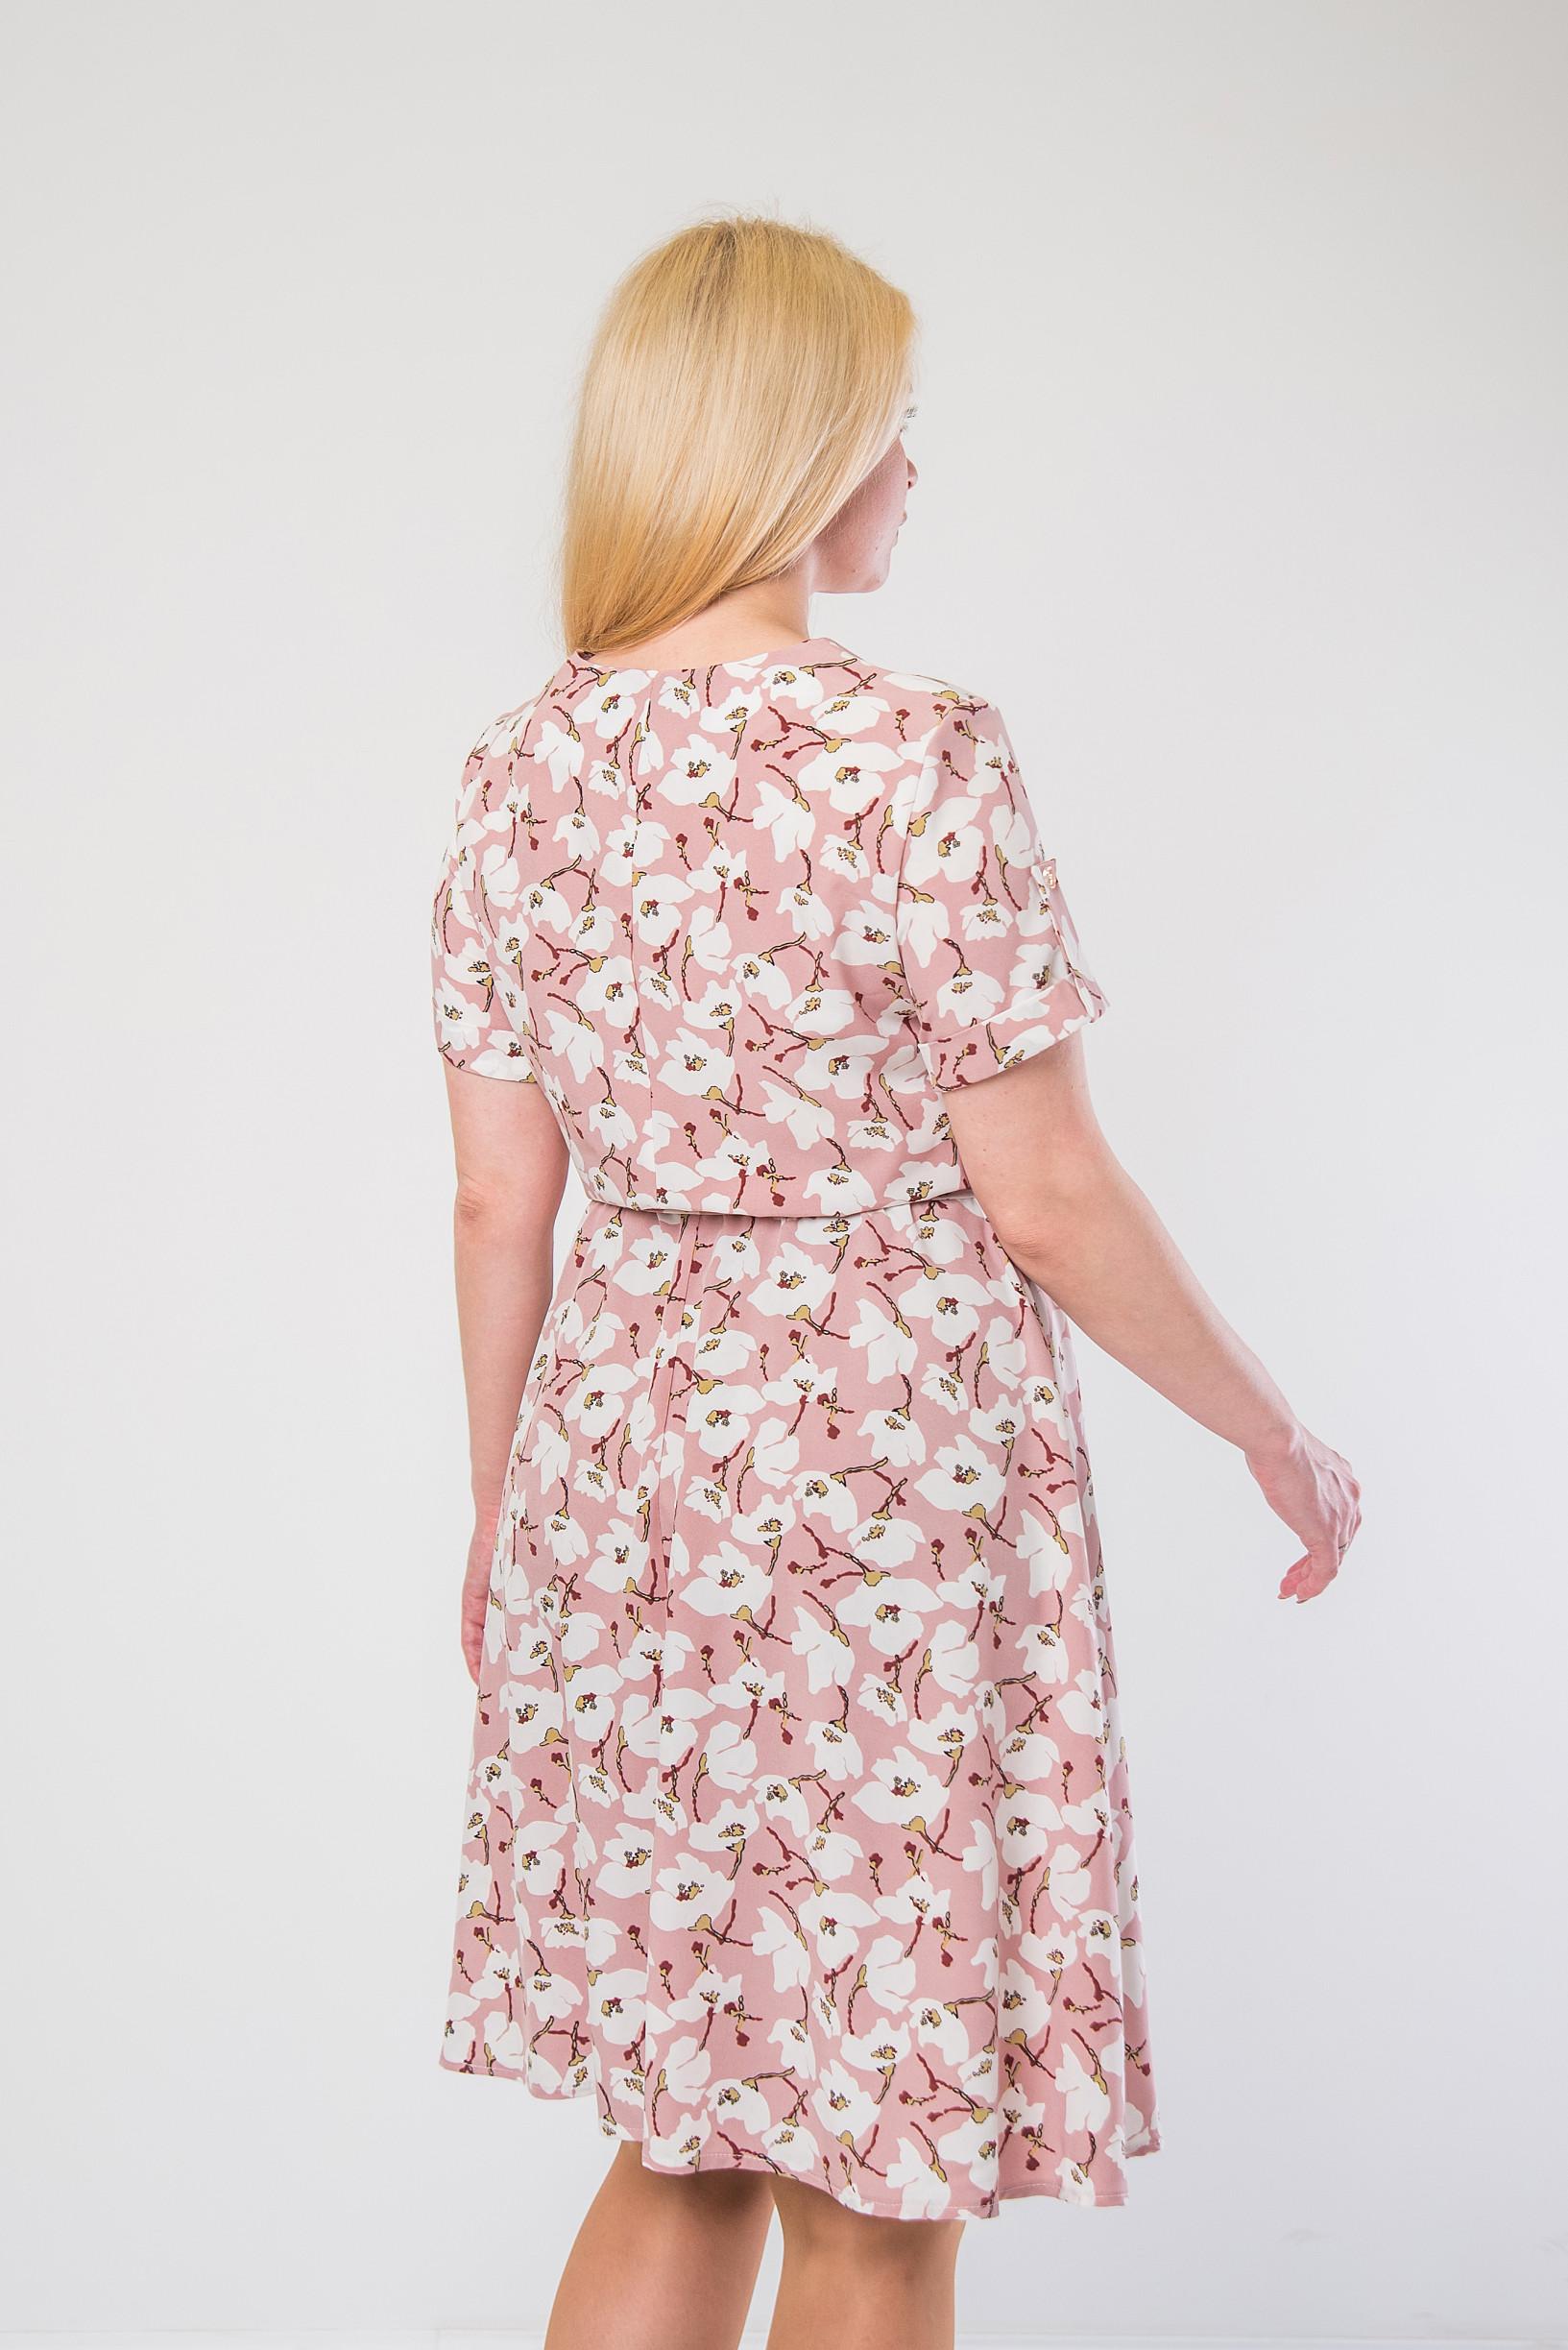 Нежное платье из софта п-897 розовое